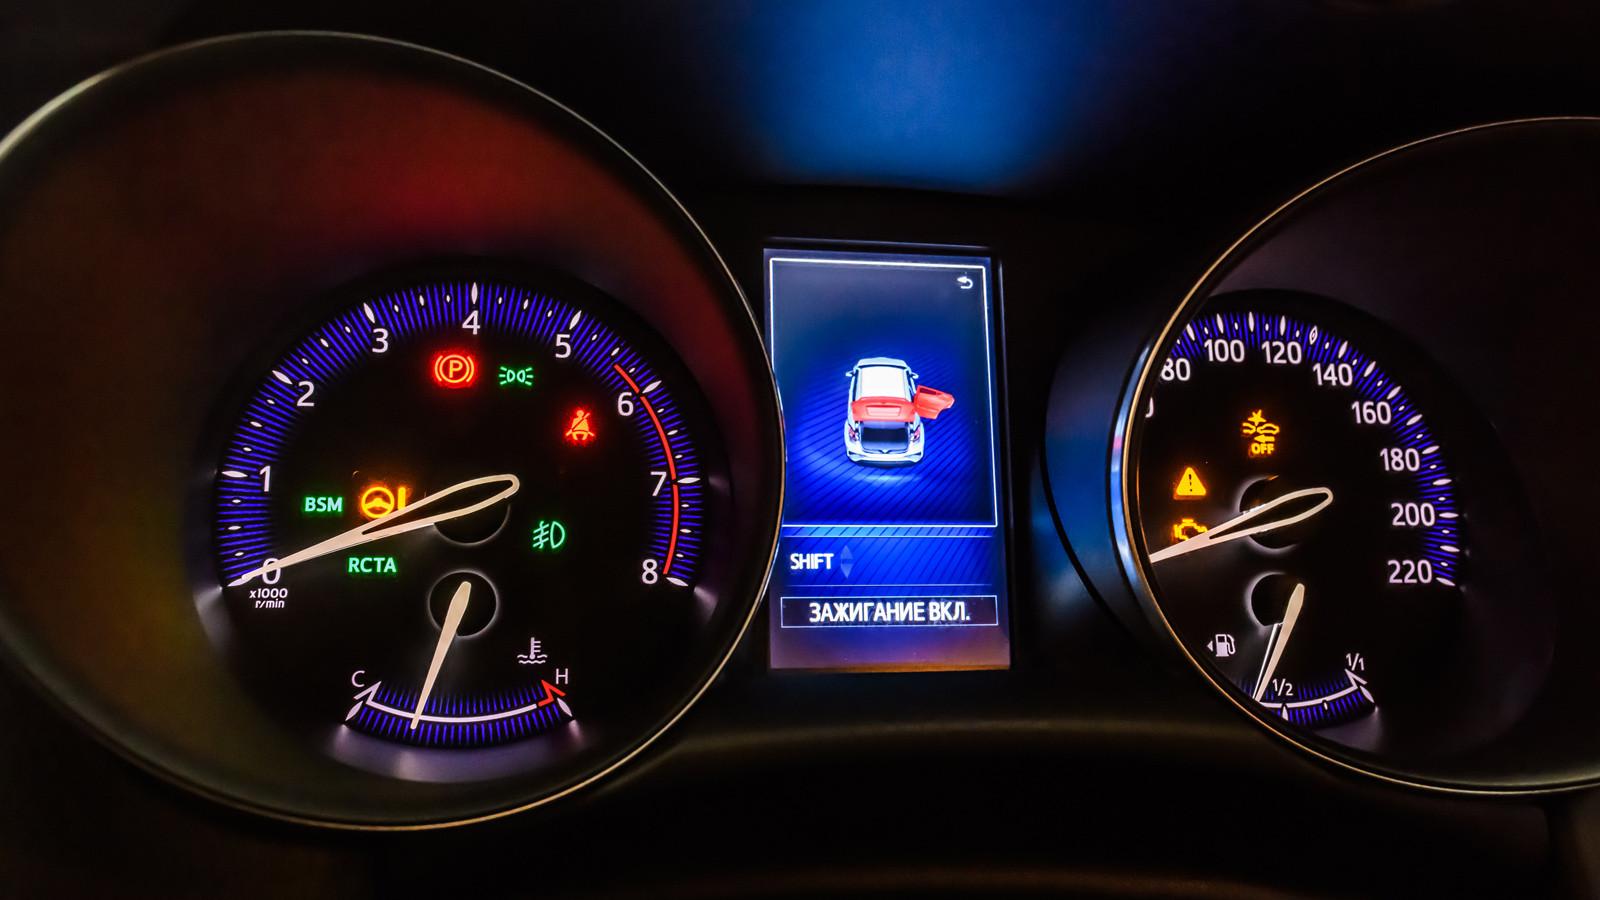 018-c-hr-interior_1600x900_tcm-3020-1394